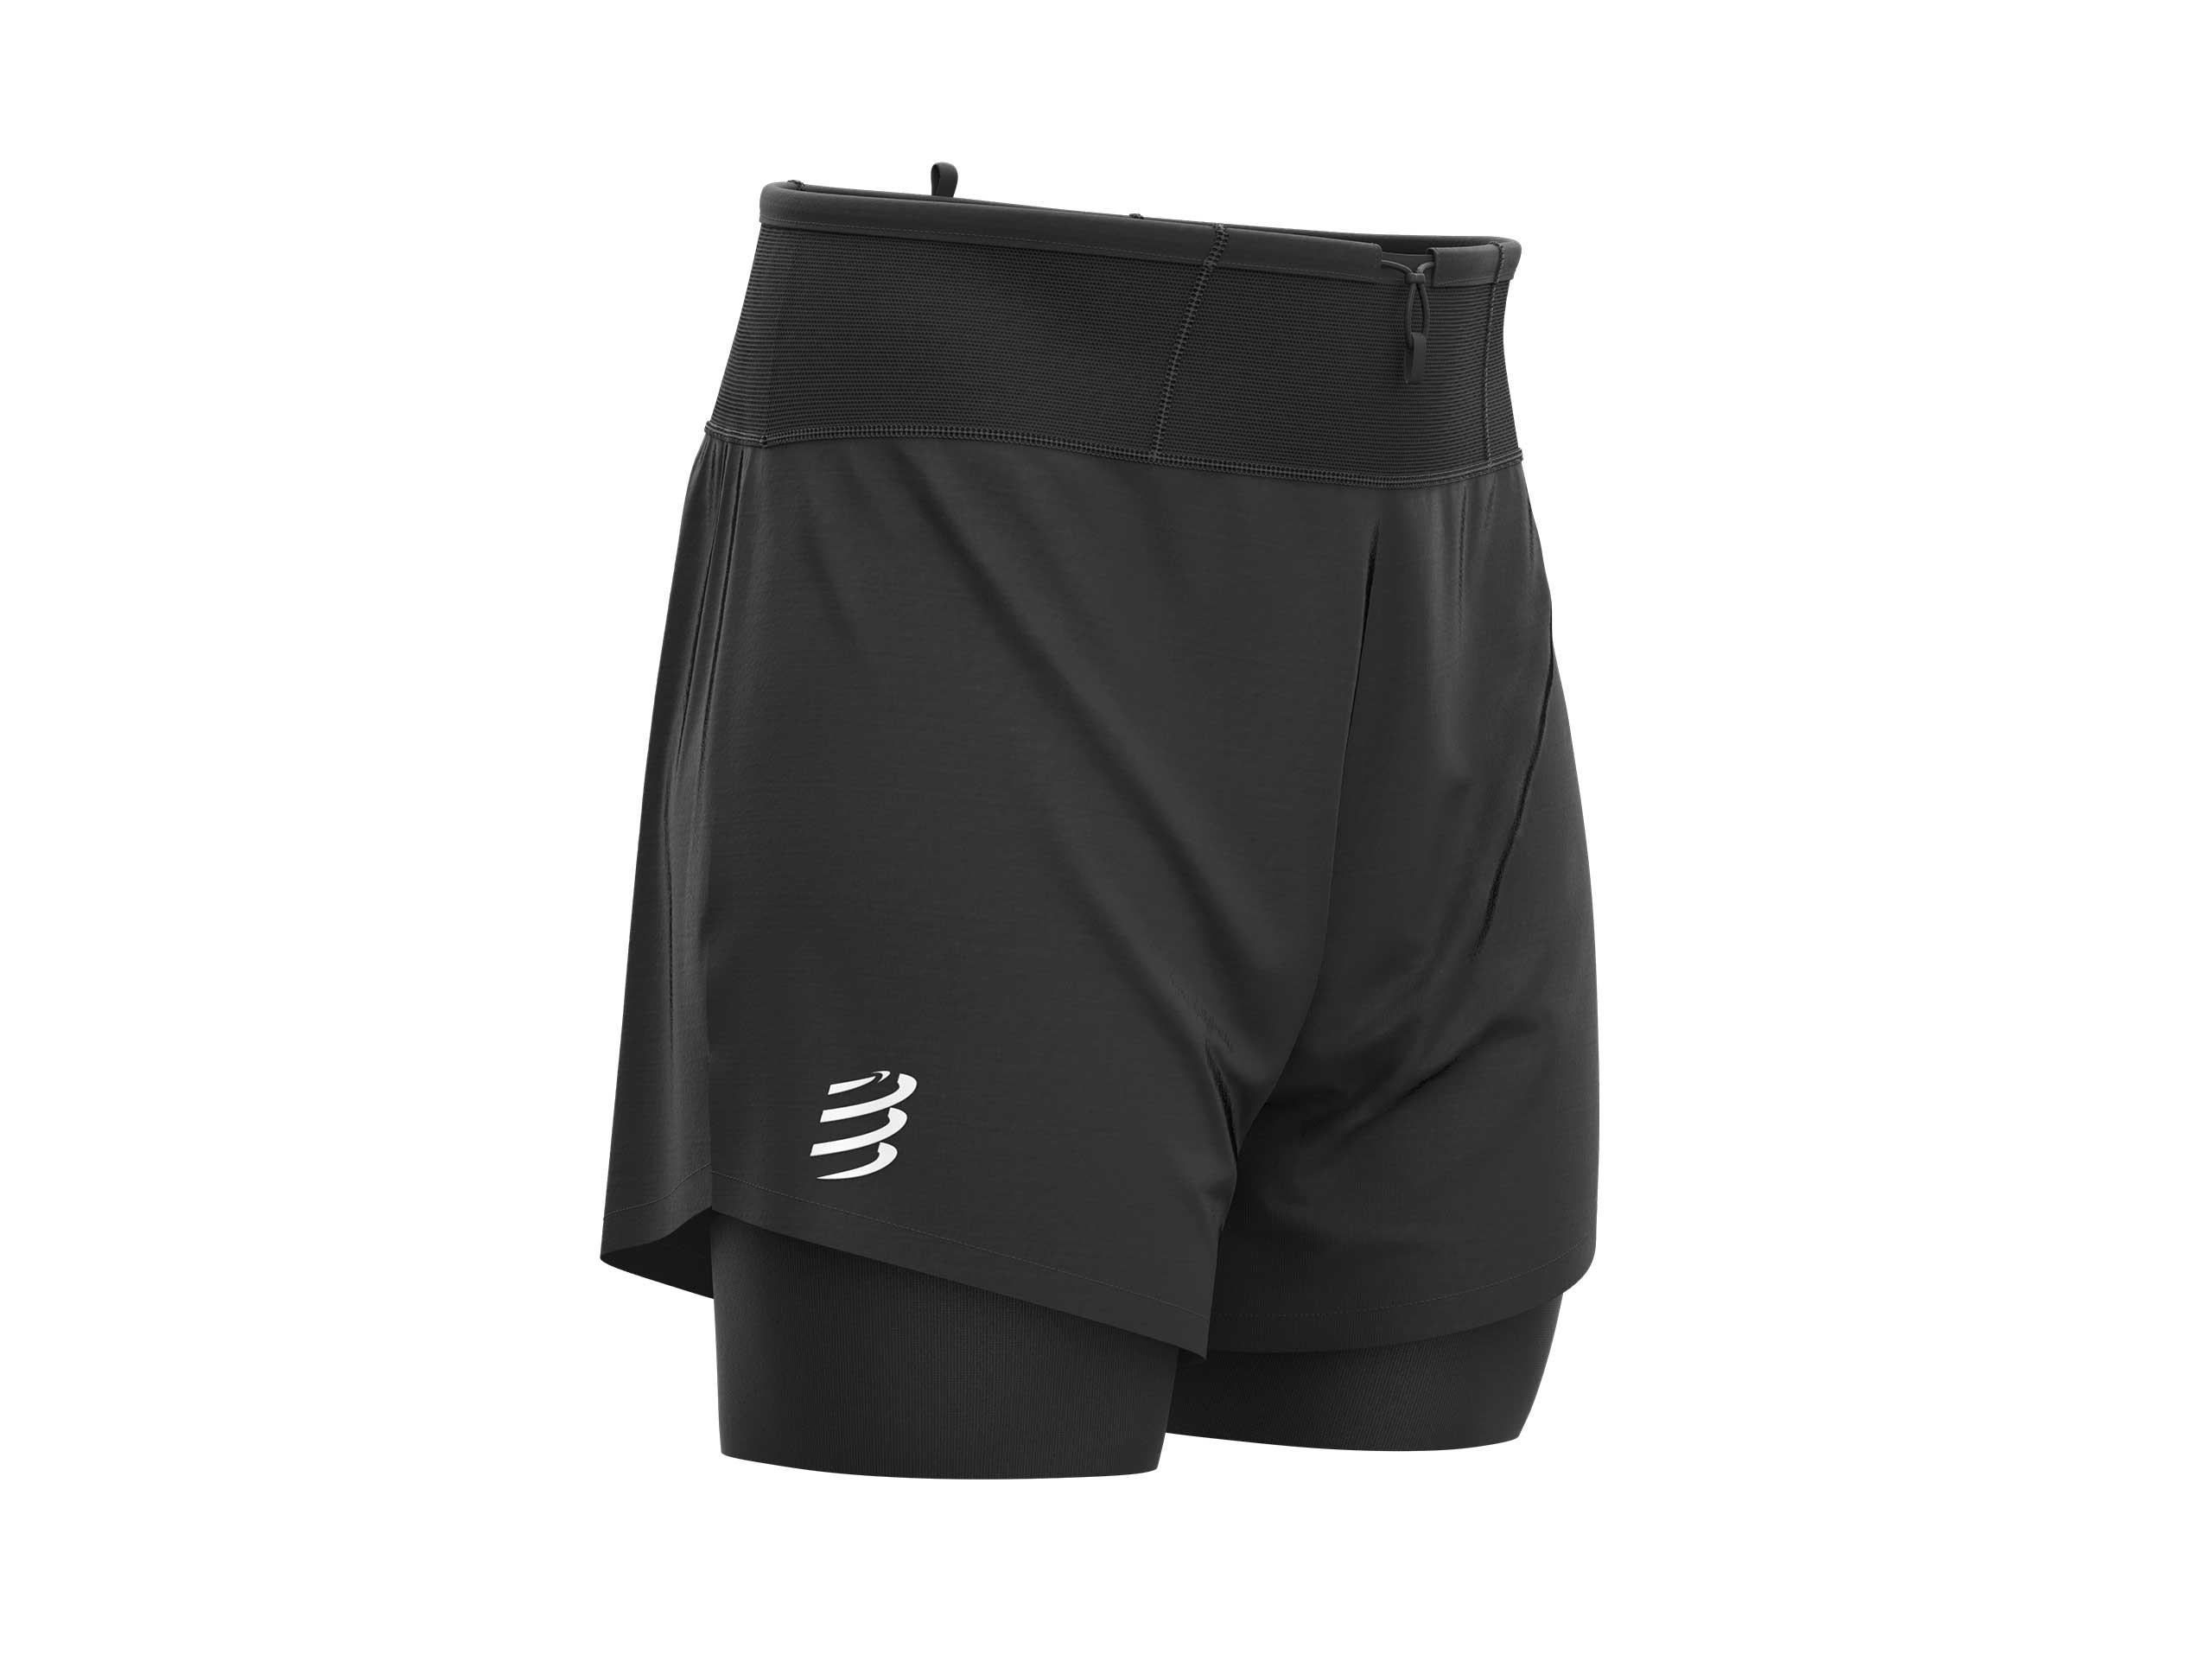 Compressport Trail Short 2en1 · Producto Compressport · Pantalones · Kukimbia Shop - Tienda Online Deportiva